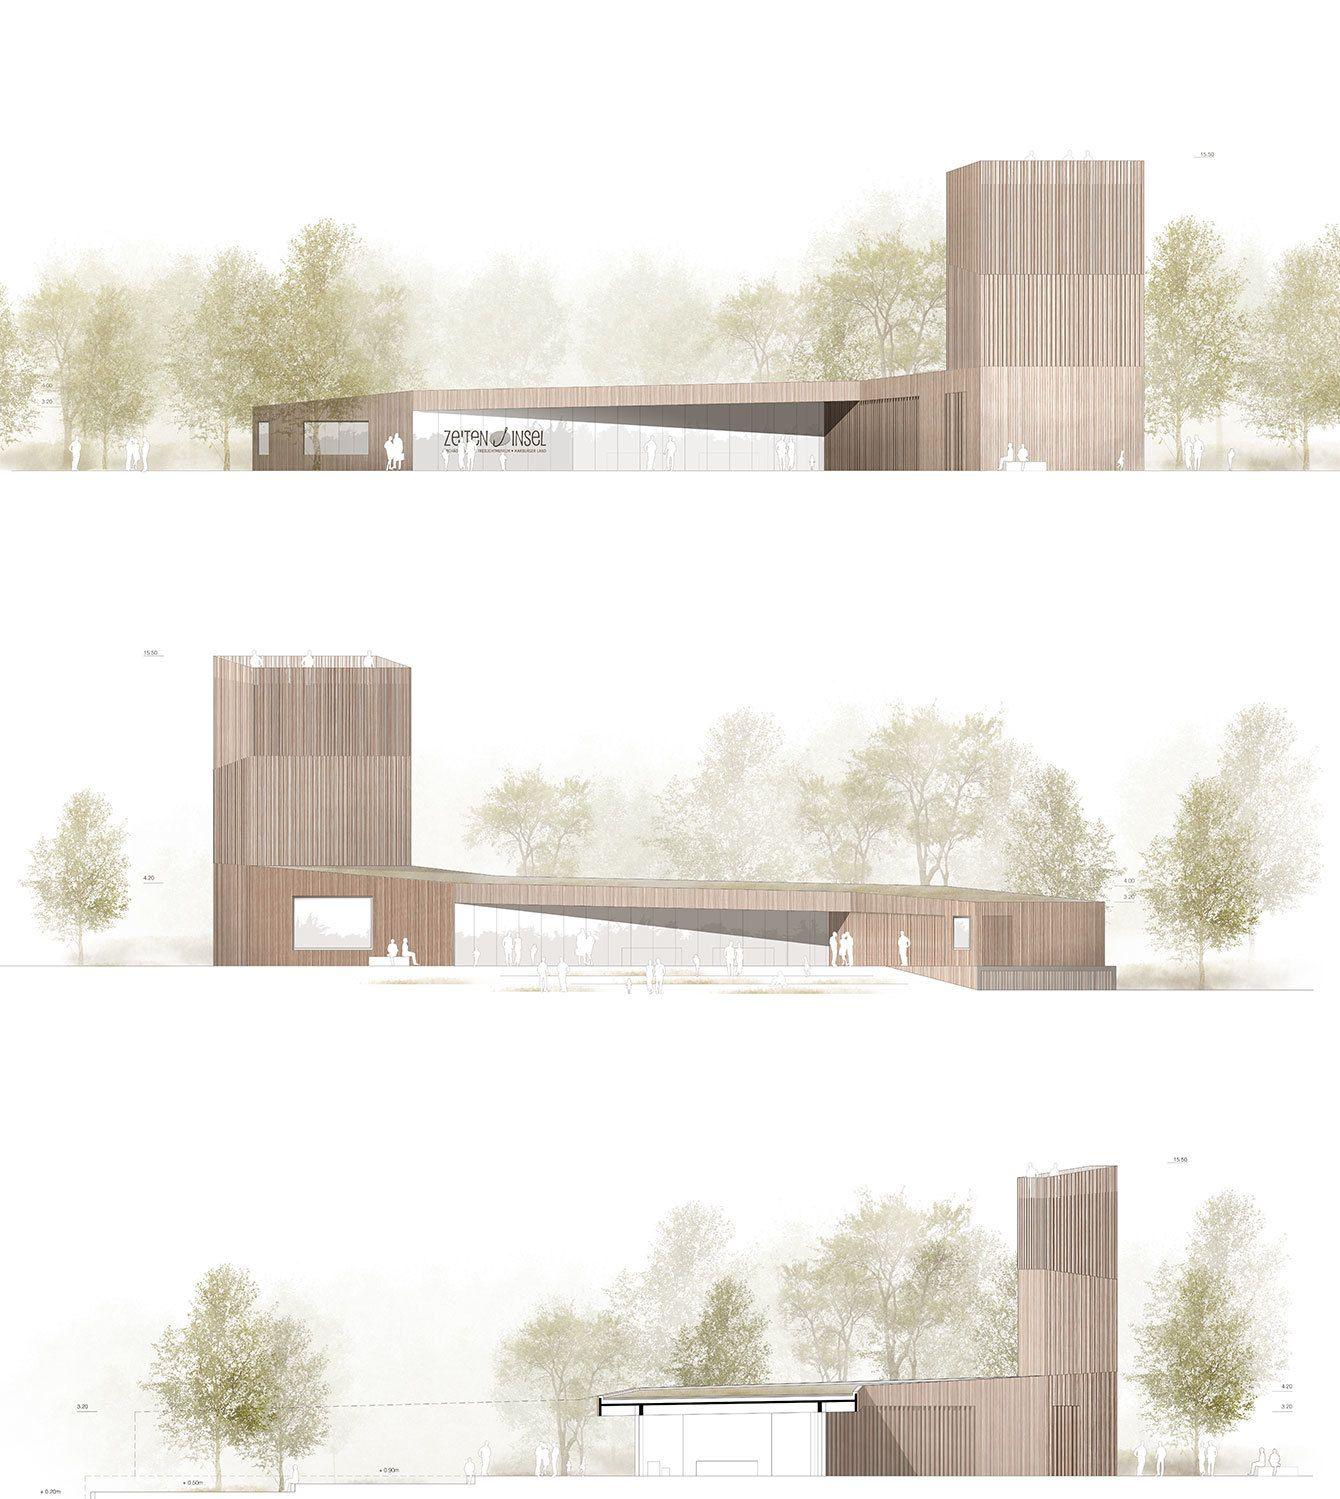 Zeit f r die zeiteninsel wettbewerb im hessischen weimar lahn entschieden hessisch - Architektur ansicht ...